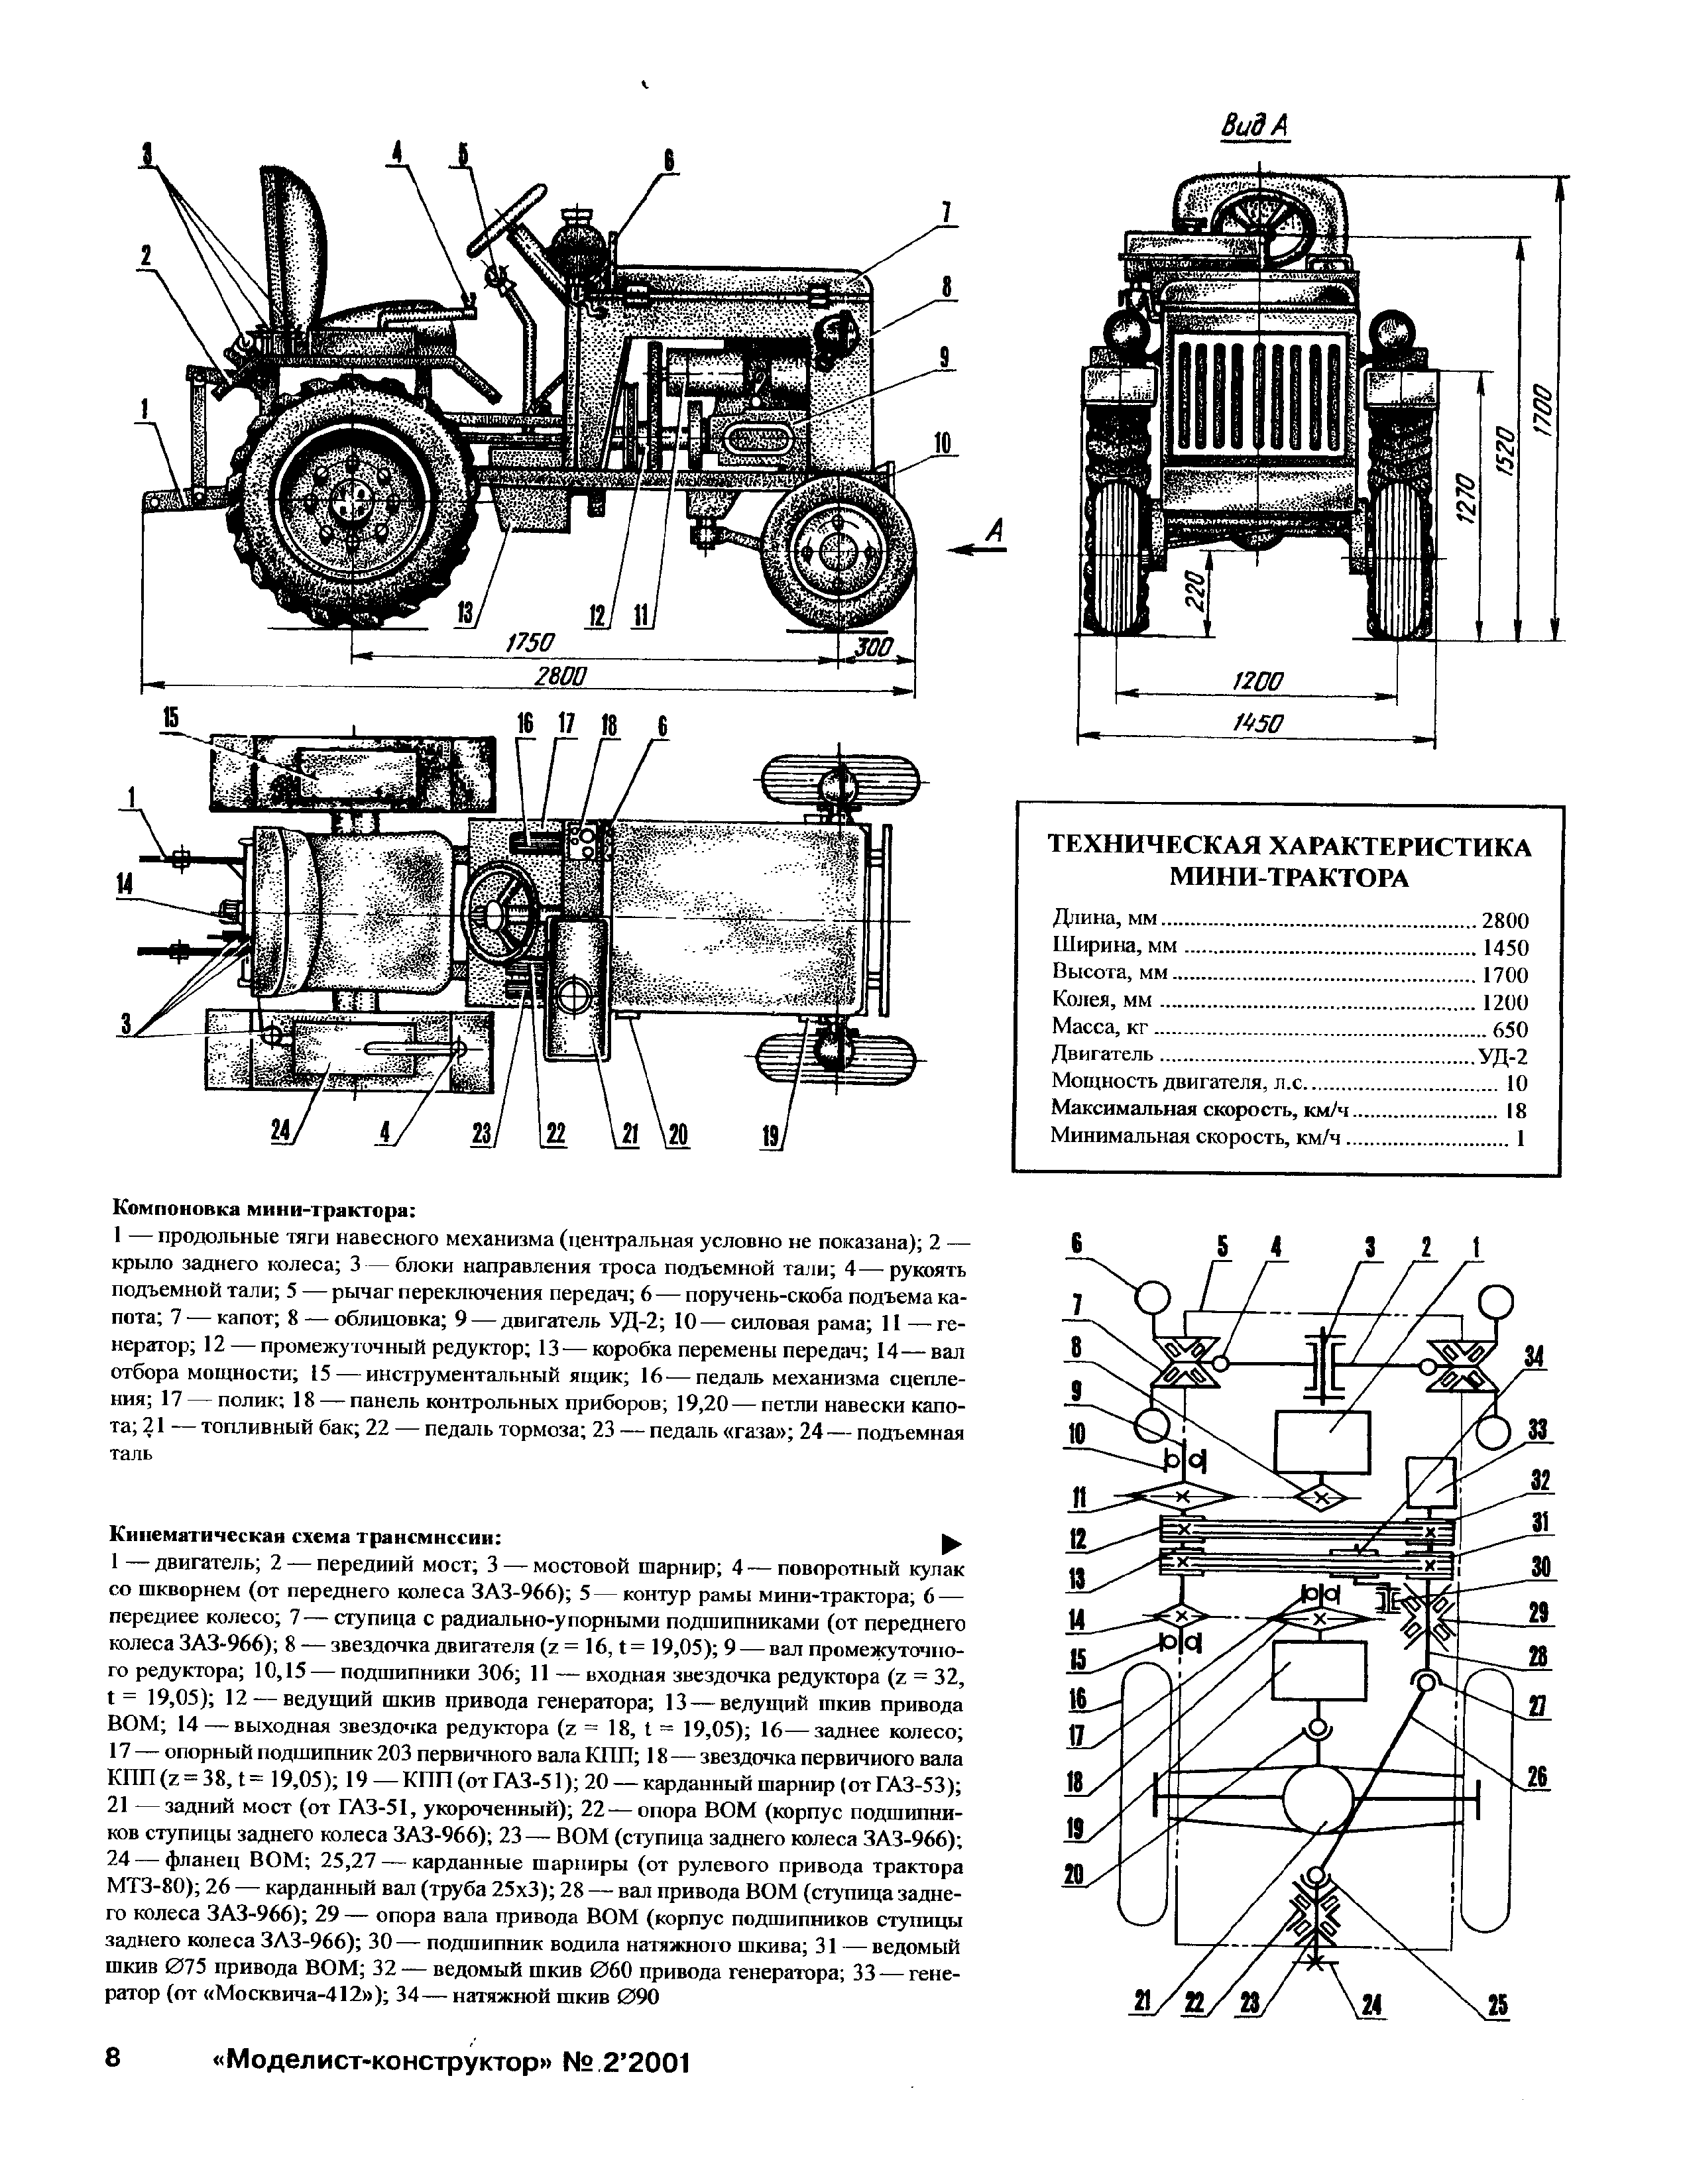 двигатель уд 2 м1 видео инструкция